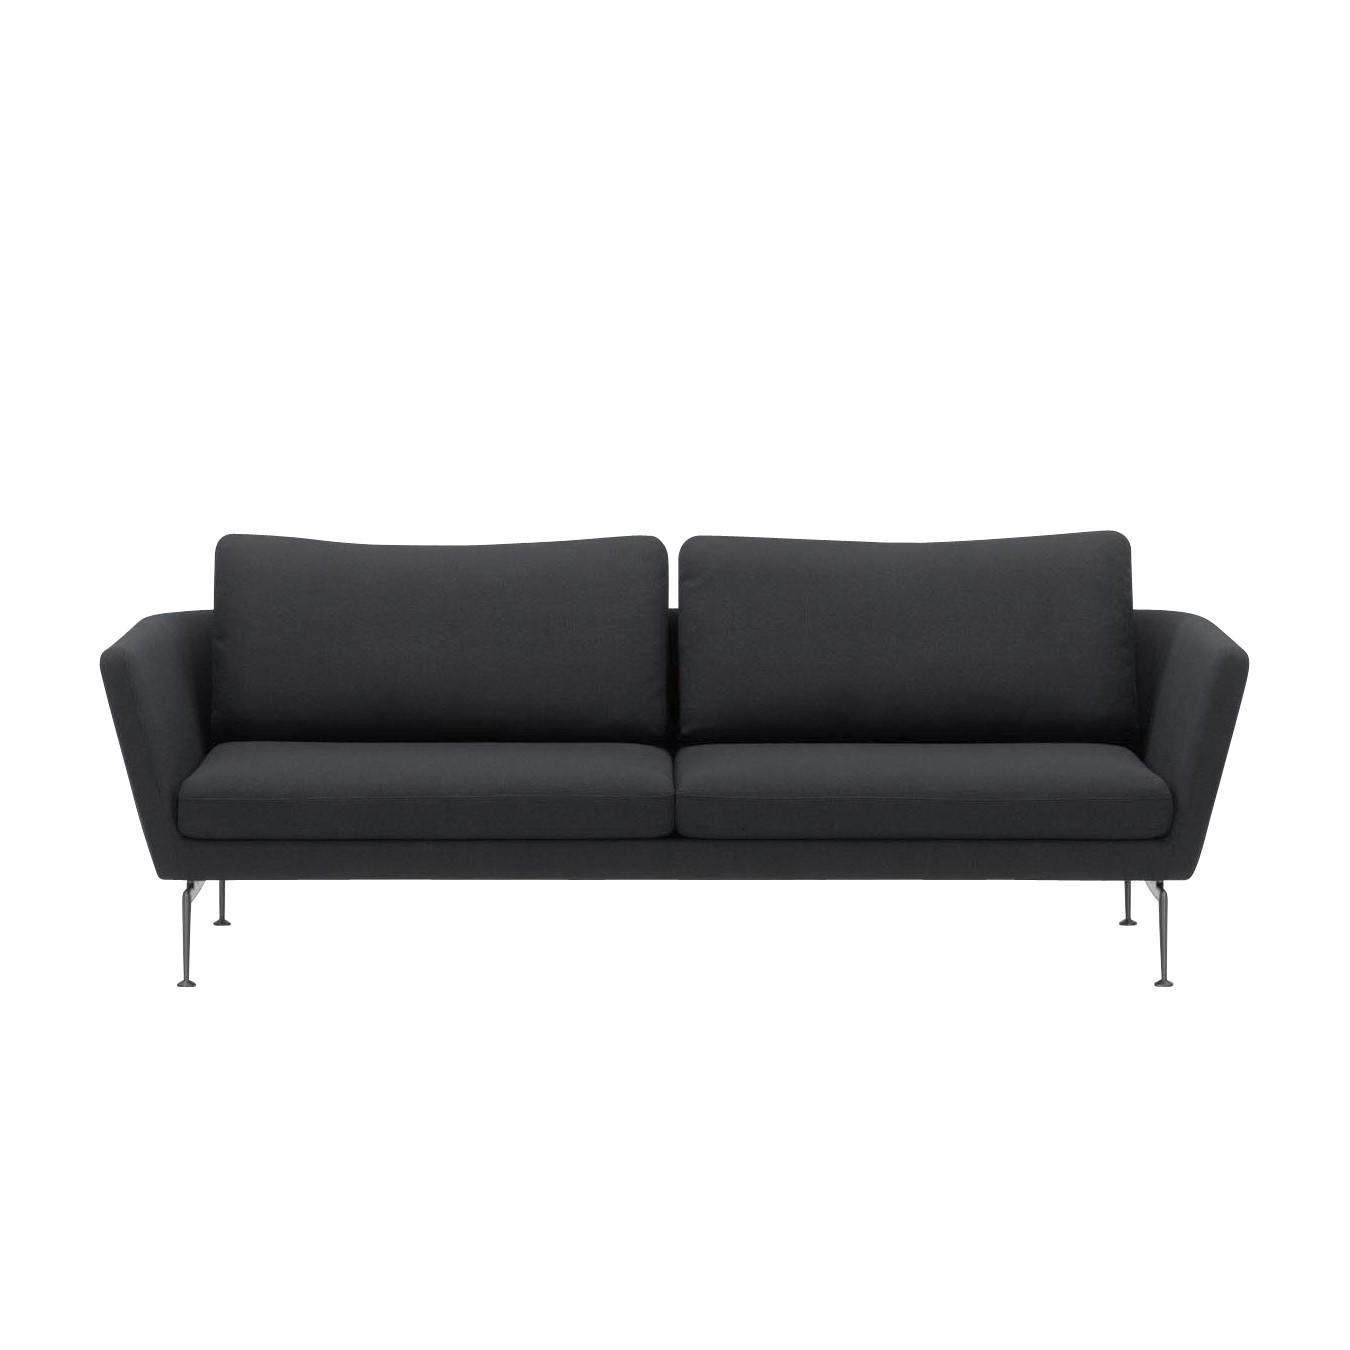 Vitra   Suita Citterio 3 Seater Sofa   Black/frame Aluminium/fabric Laser  Black